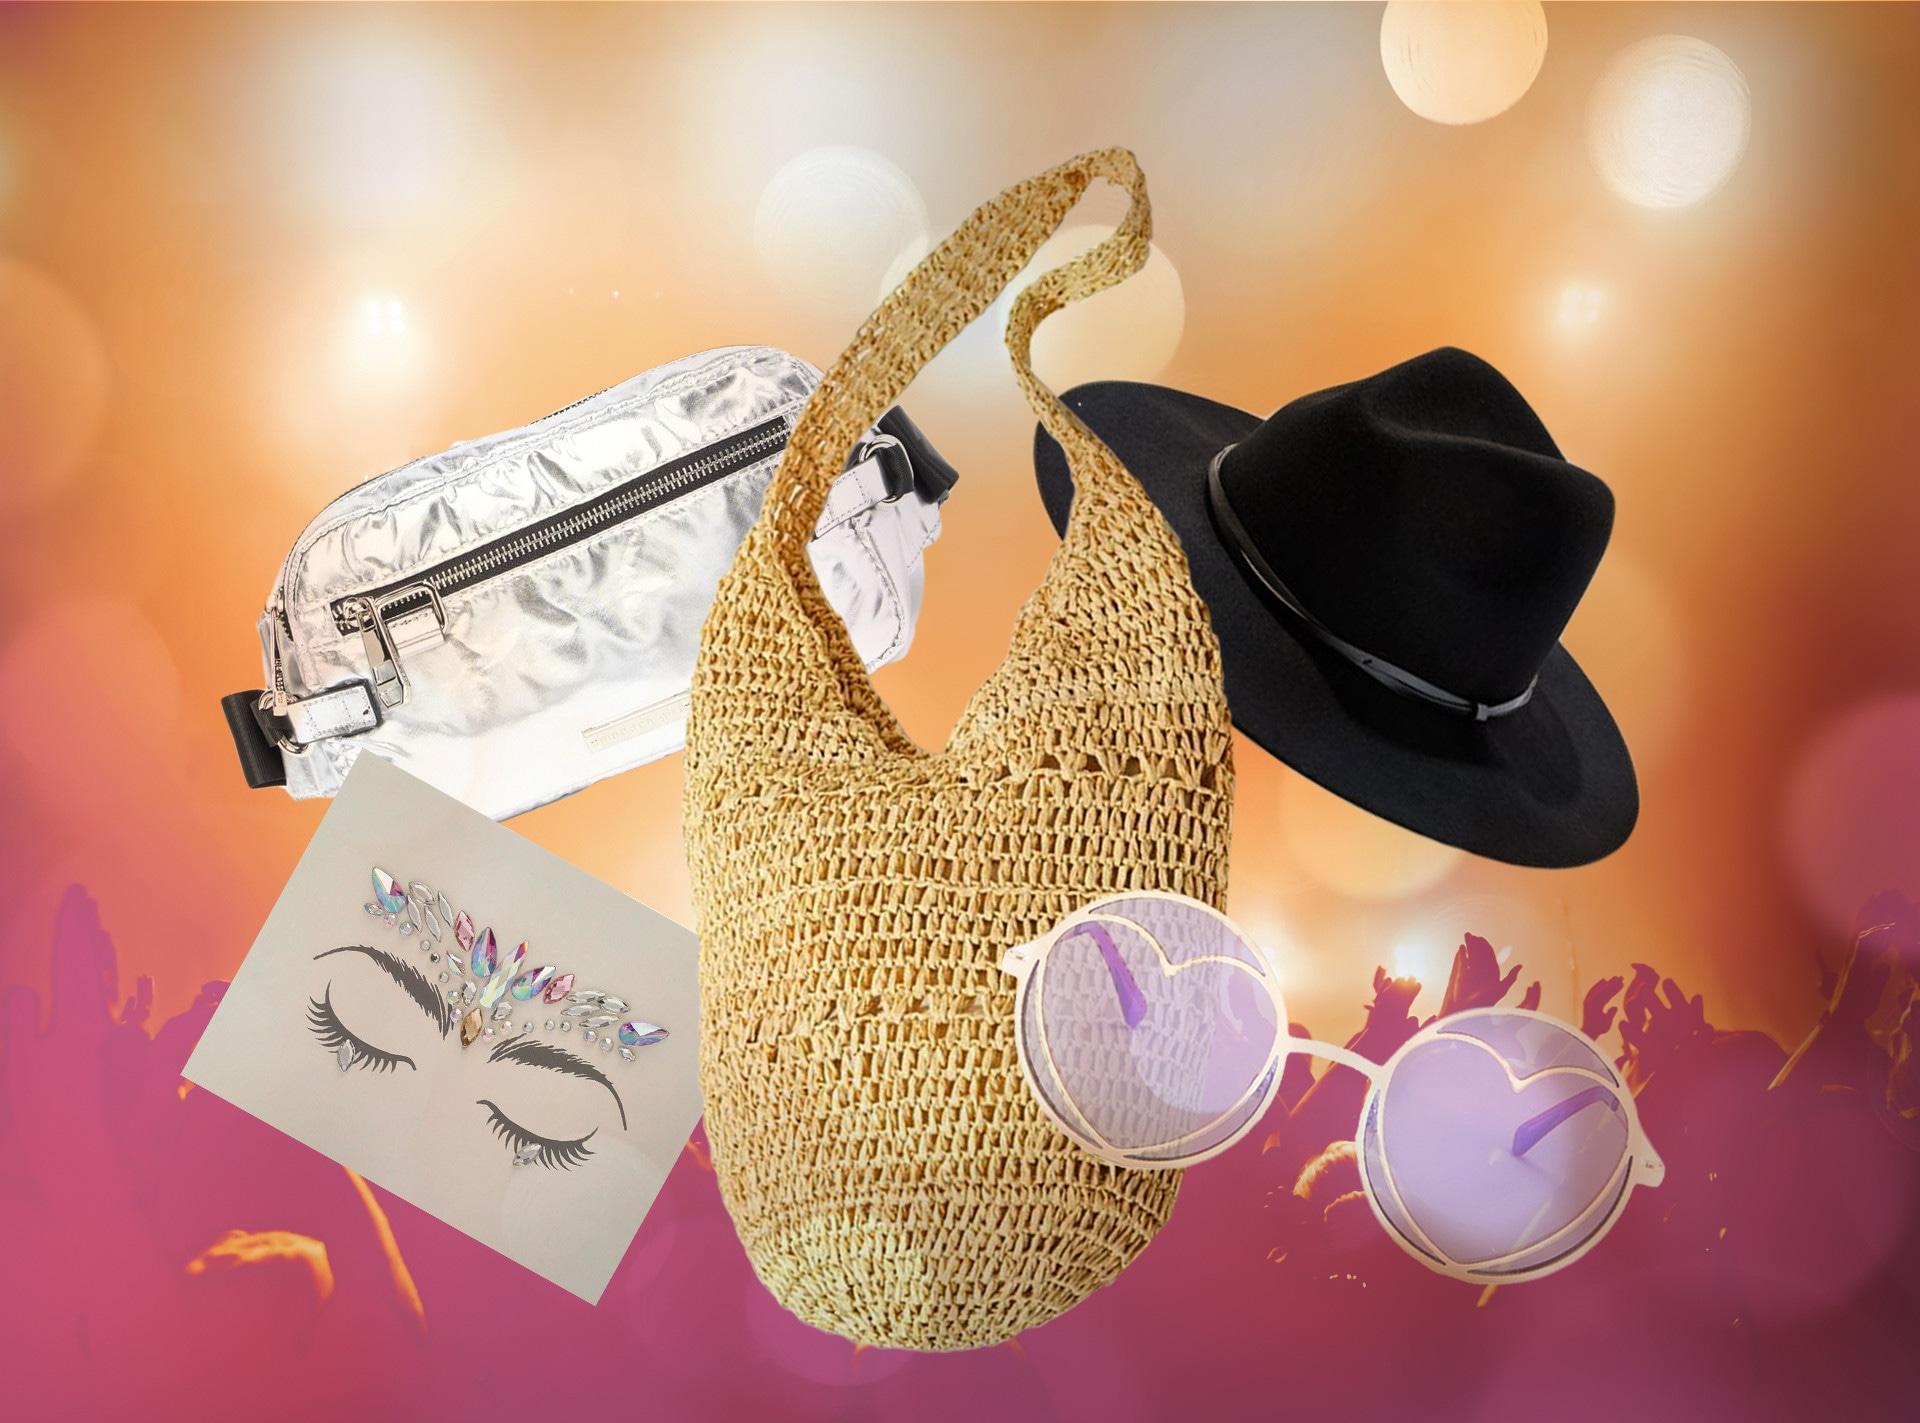 E-Comm: Accessories for Coachella